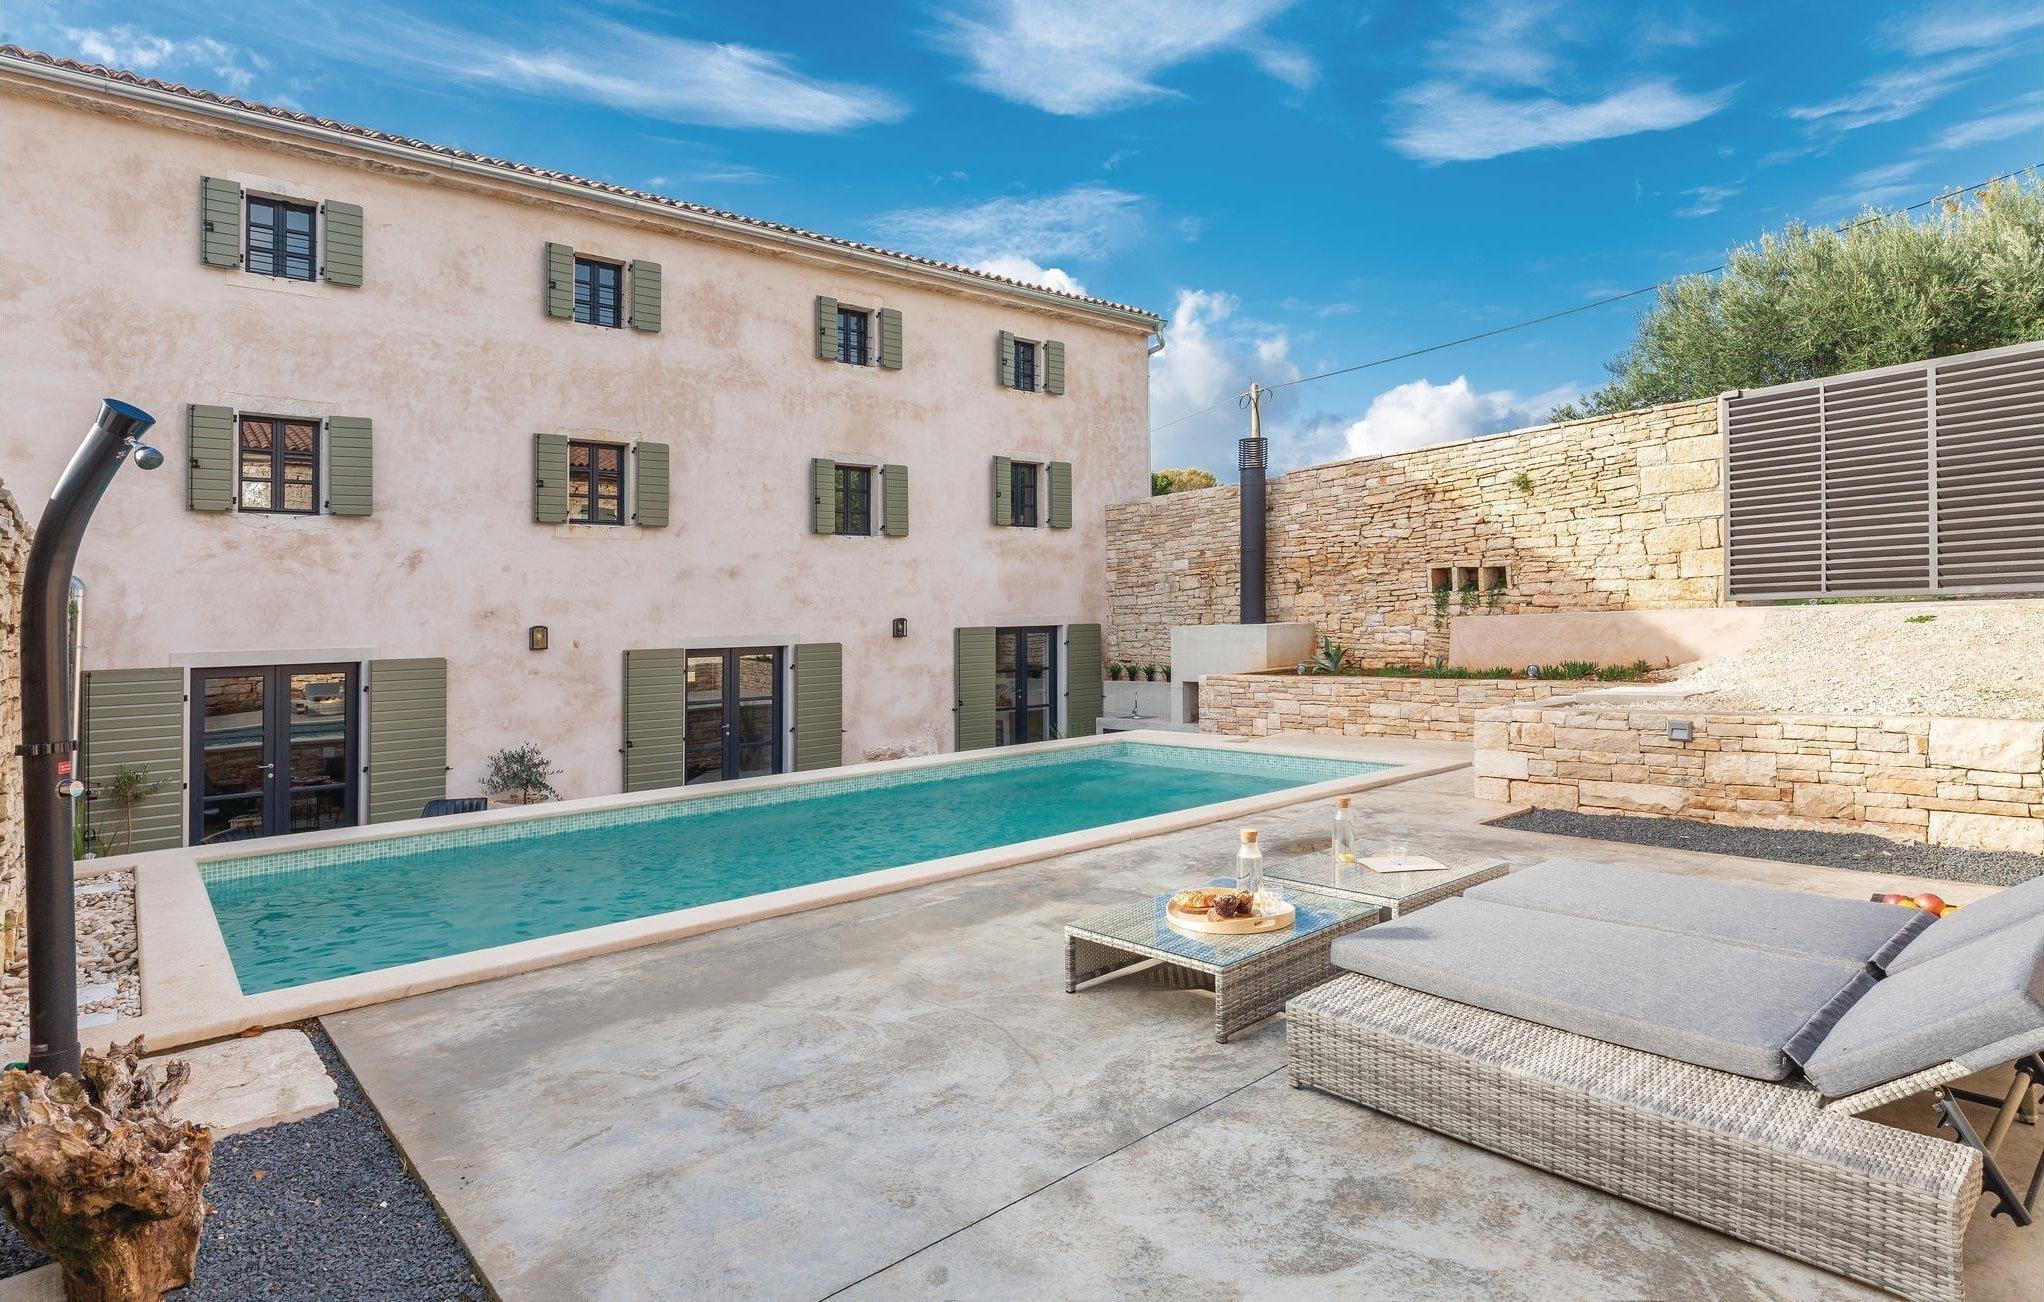 V Chorvatsku se nedaleko od moře nachází tento překrásný dům, jehož interiér vzdává hold rustikálnímu stylu. Azurově modrá obloha této oblíbené prázdninové destinace splývá s hladinou bazénu a vytváří tak atmosféru klidu, luxusu a pohodlí.